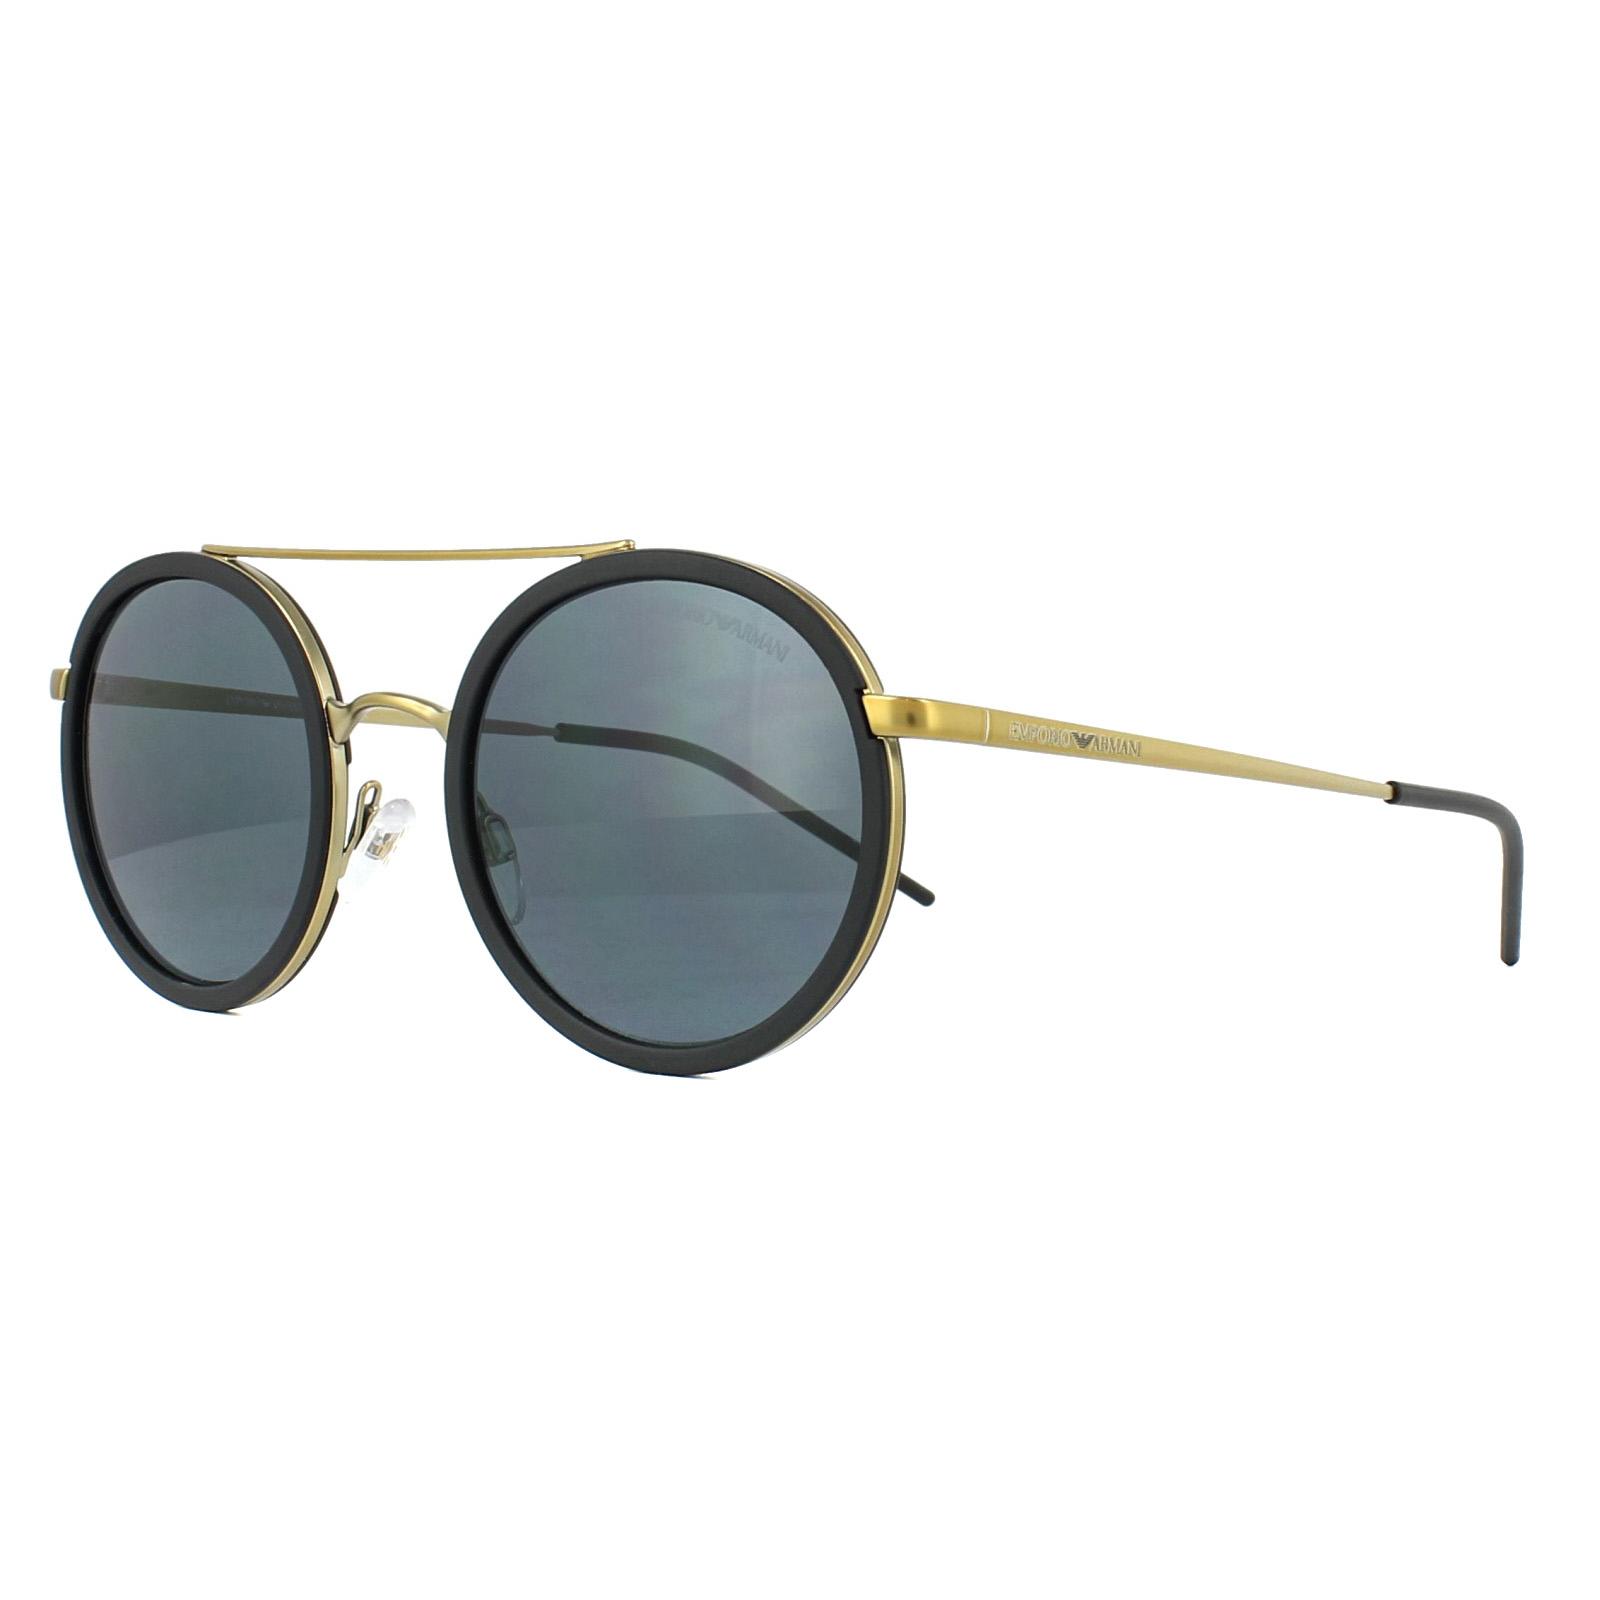 Sentinel Emporio Armani Sunglasses 2041 300287 Matt Pale Gold Grey